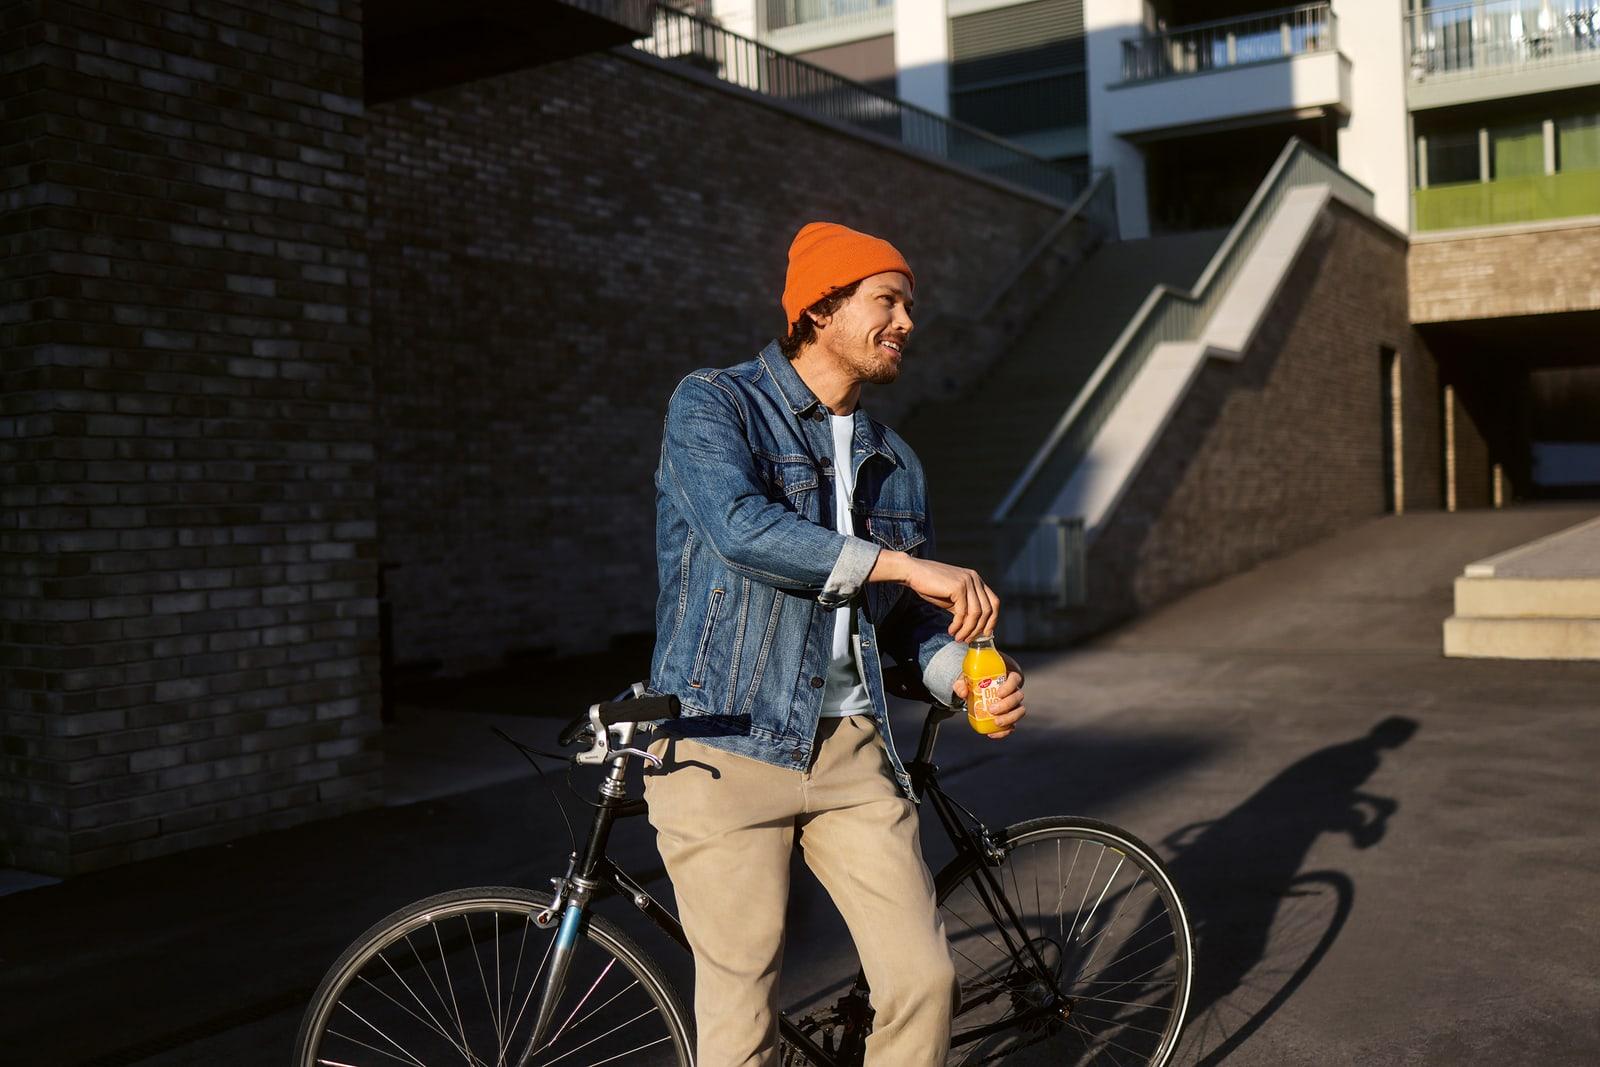 Un uomo si appoggia alla sua bicicletta e apre un succo d'arancia.